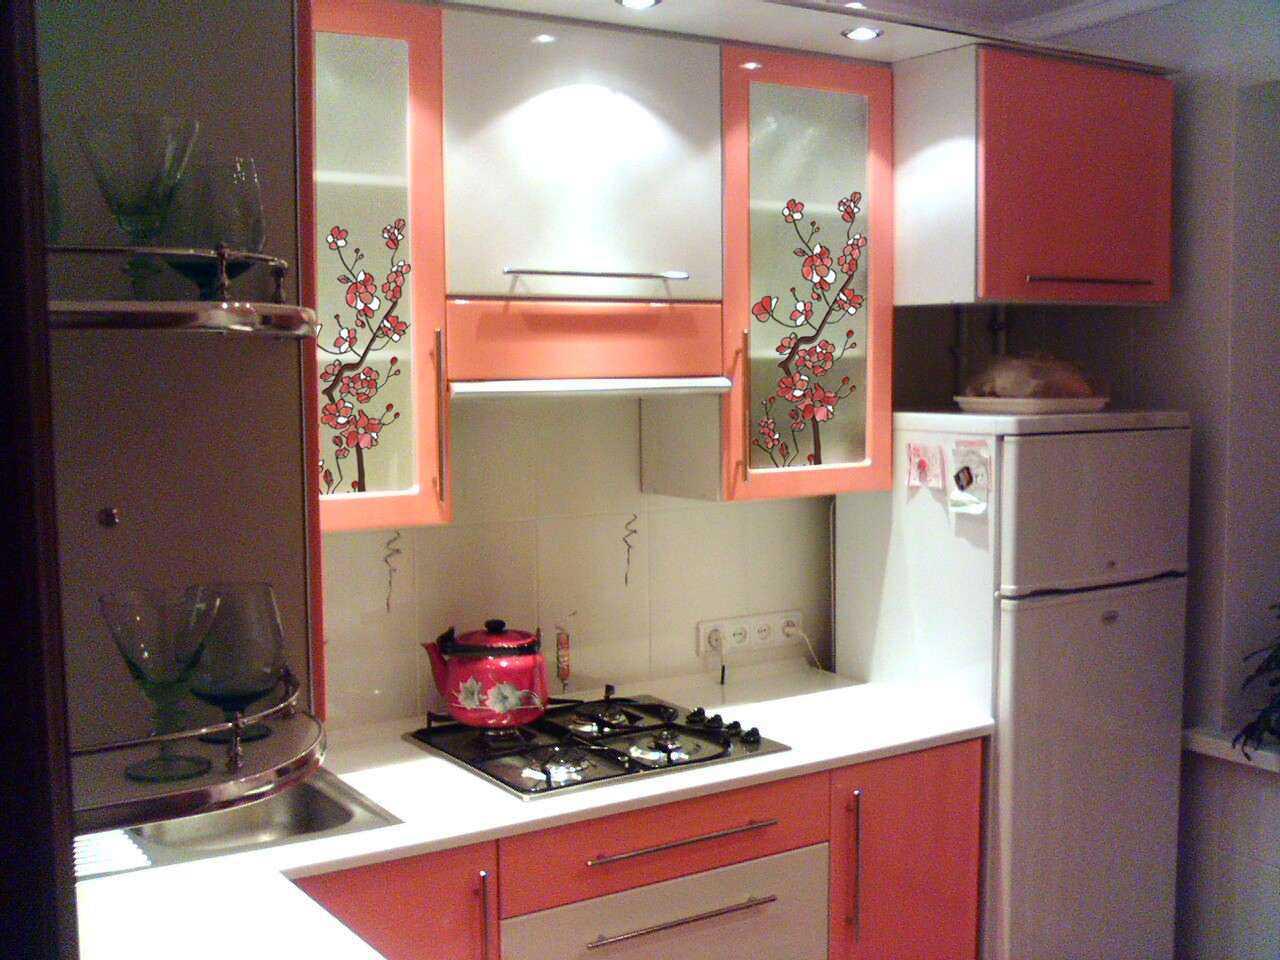 витраж в кухонной мебели